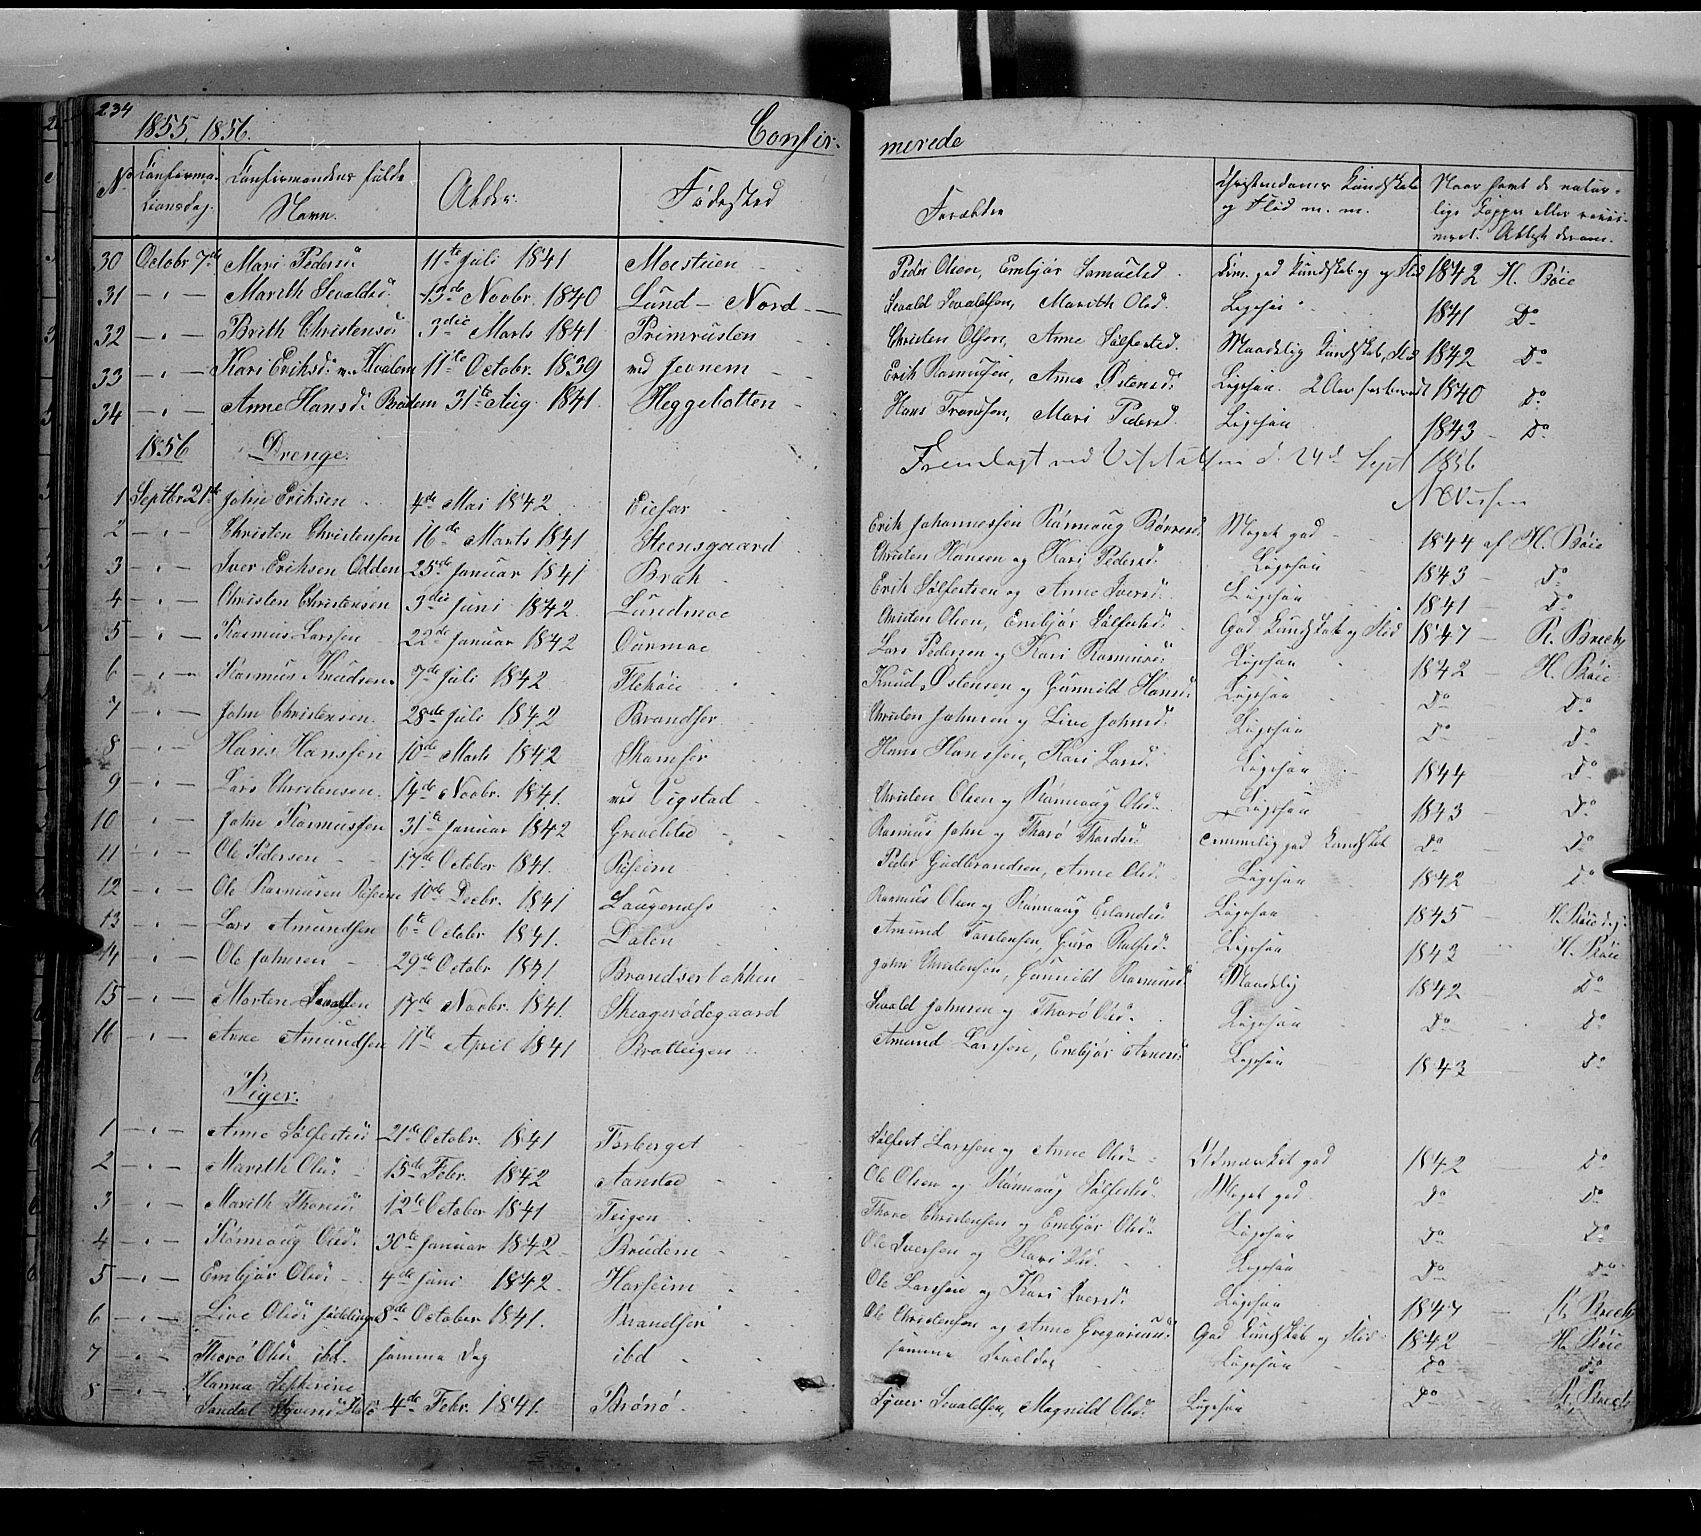 SAH, Lom prestekontor, L/L0004: Klokkerbok nr. 4, 1845-1864, s. 234-235